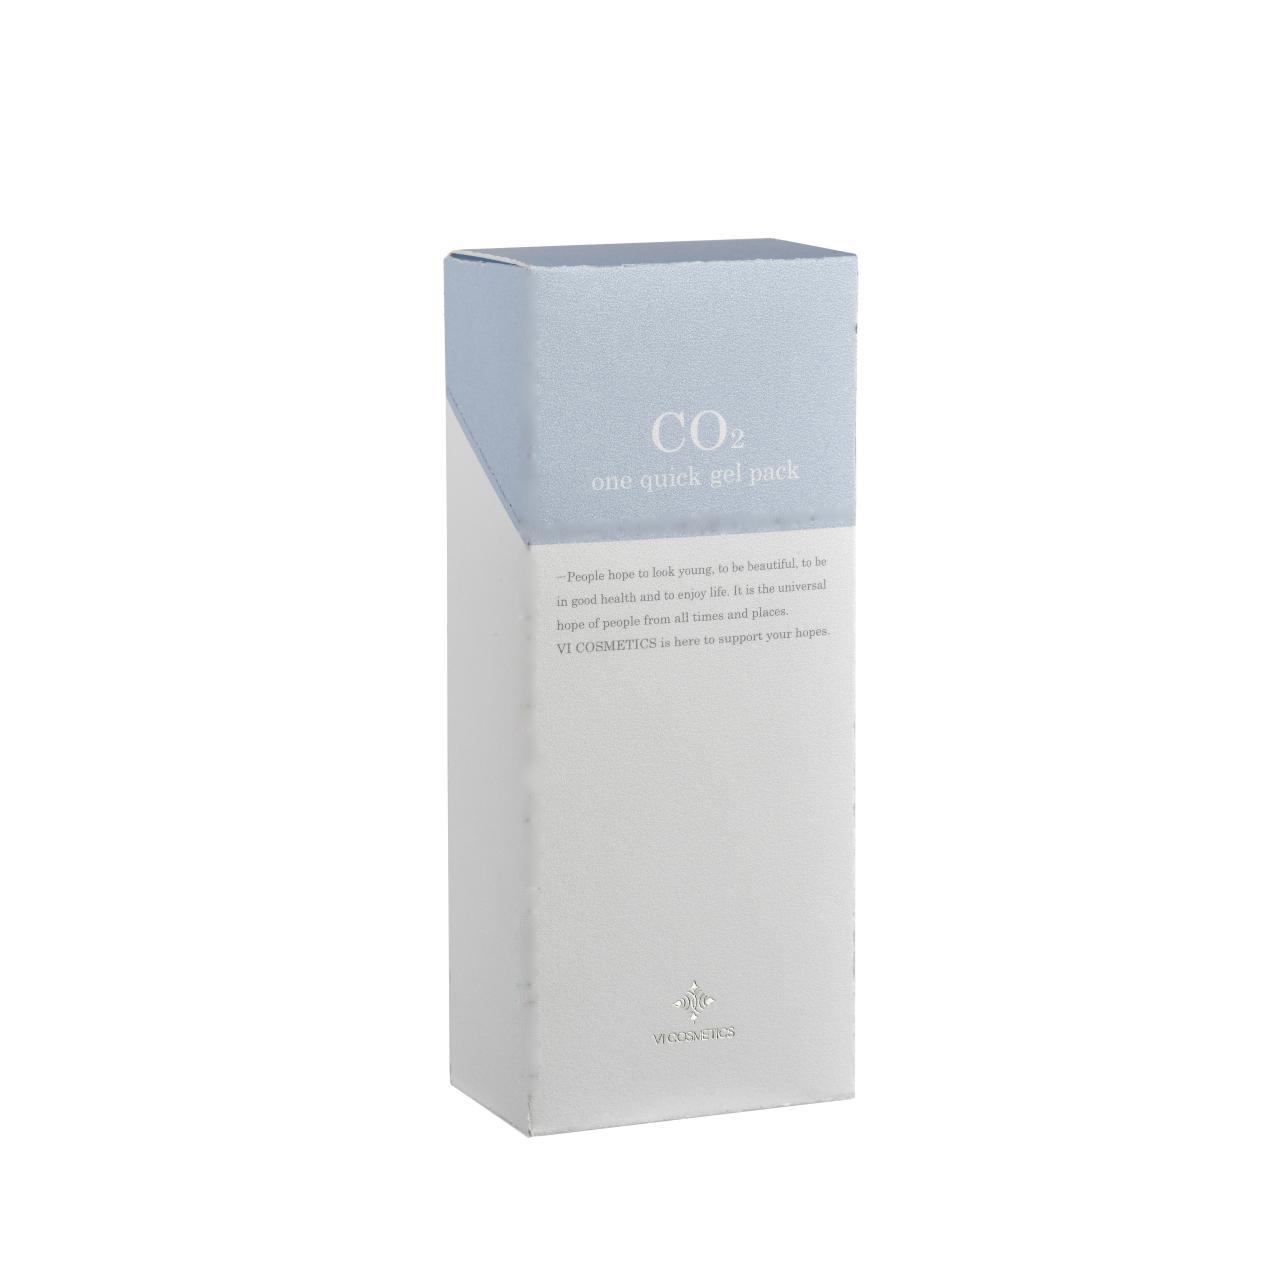 CO2ワンクイックジェルパック      ボトルタイプ 70g  ¥ 6,300 (税抜)   パウチタイプ 10g / 1箱5包入  ¥ 4,500 (税抜)